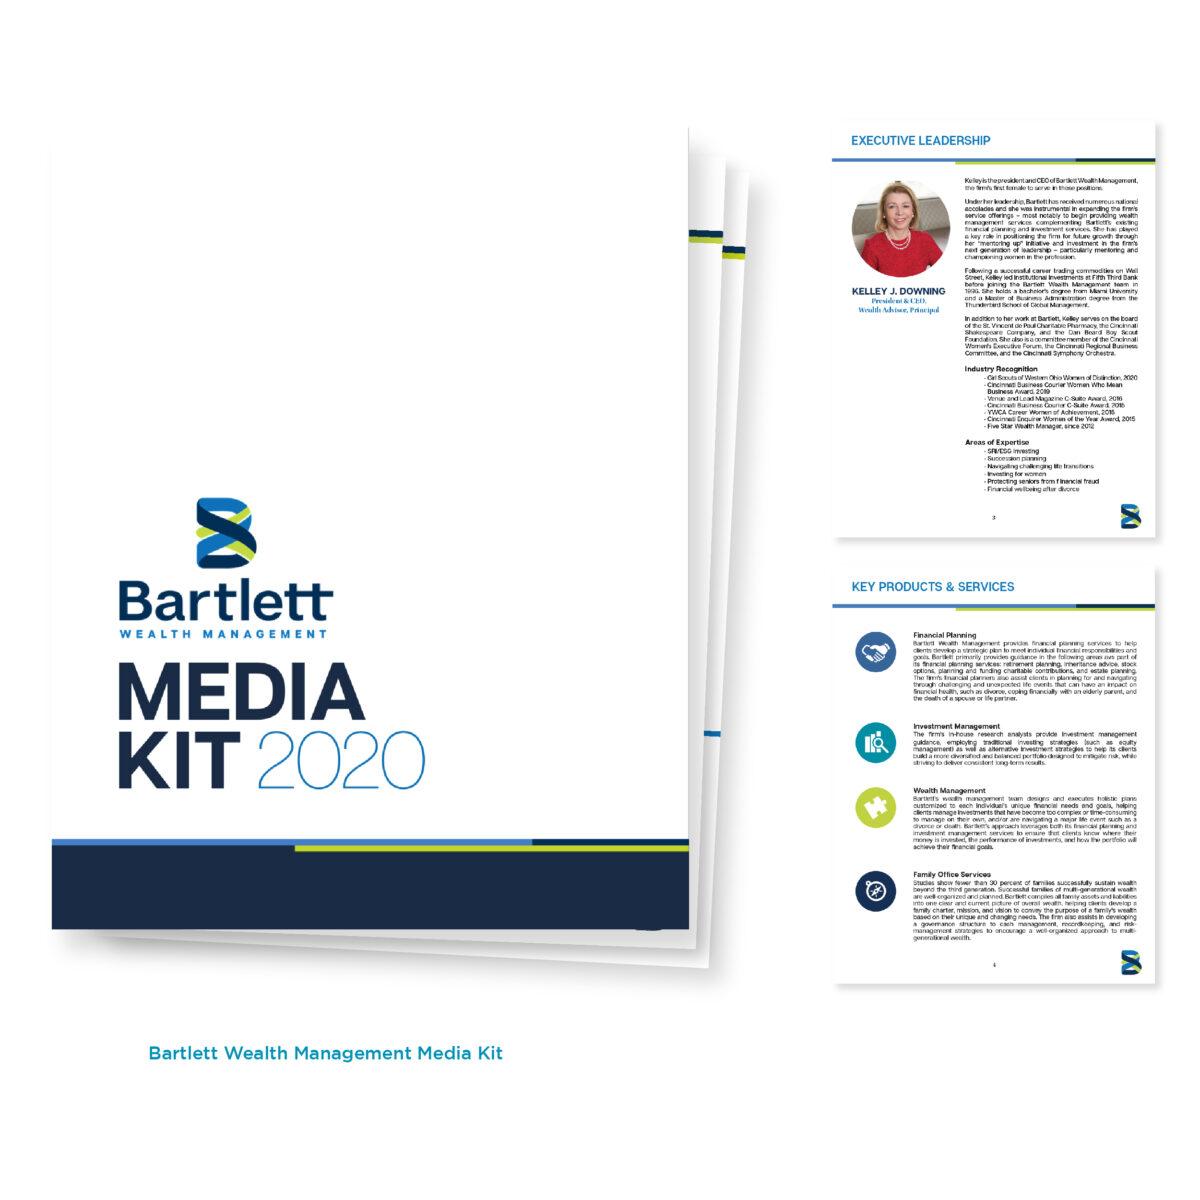 Bartlett Media Kit Graphic